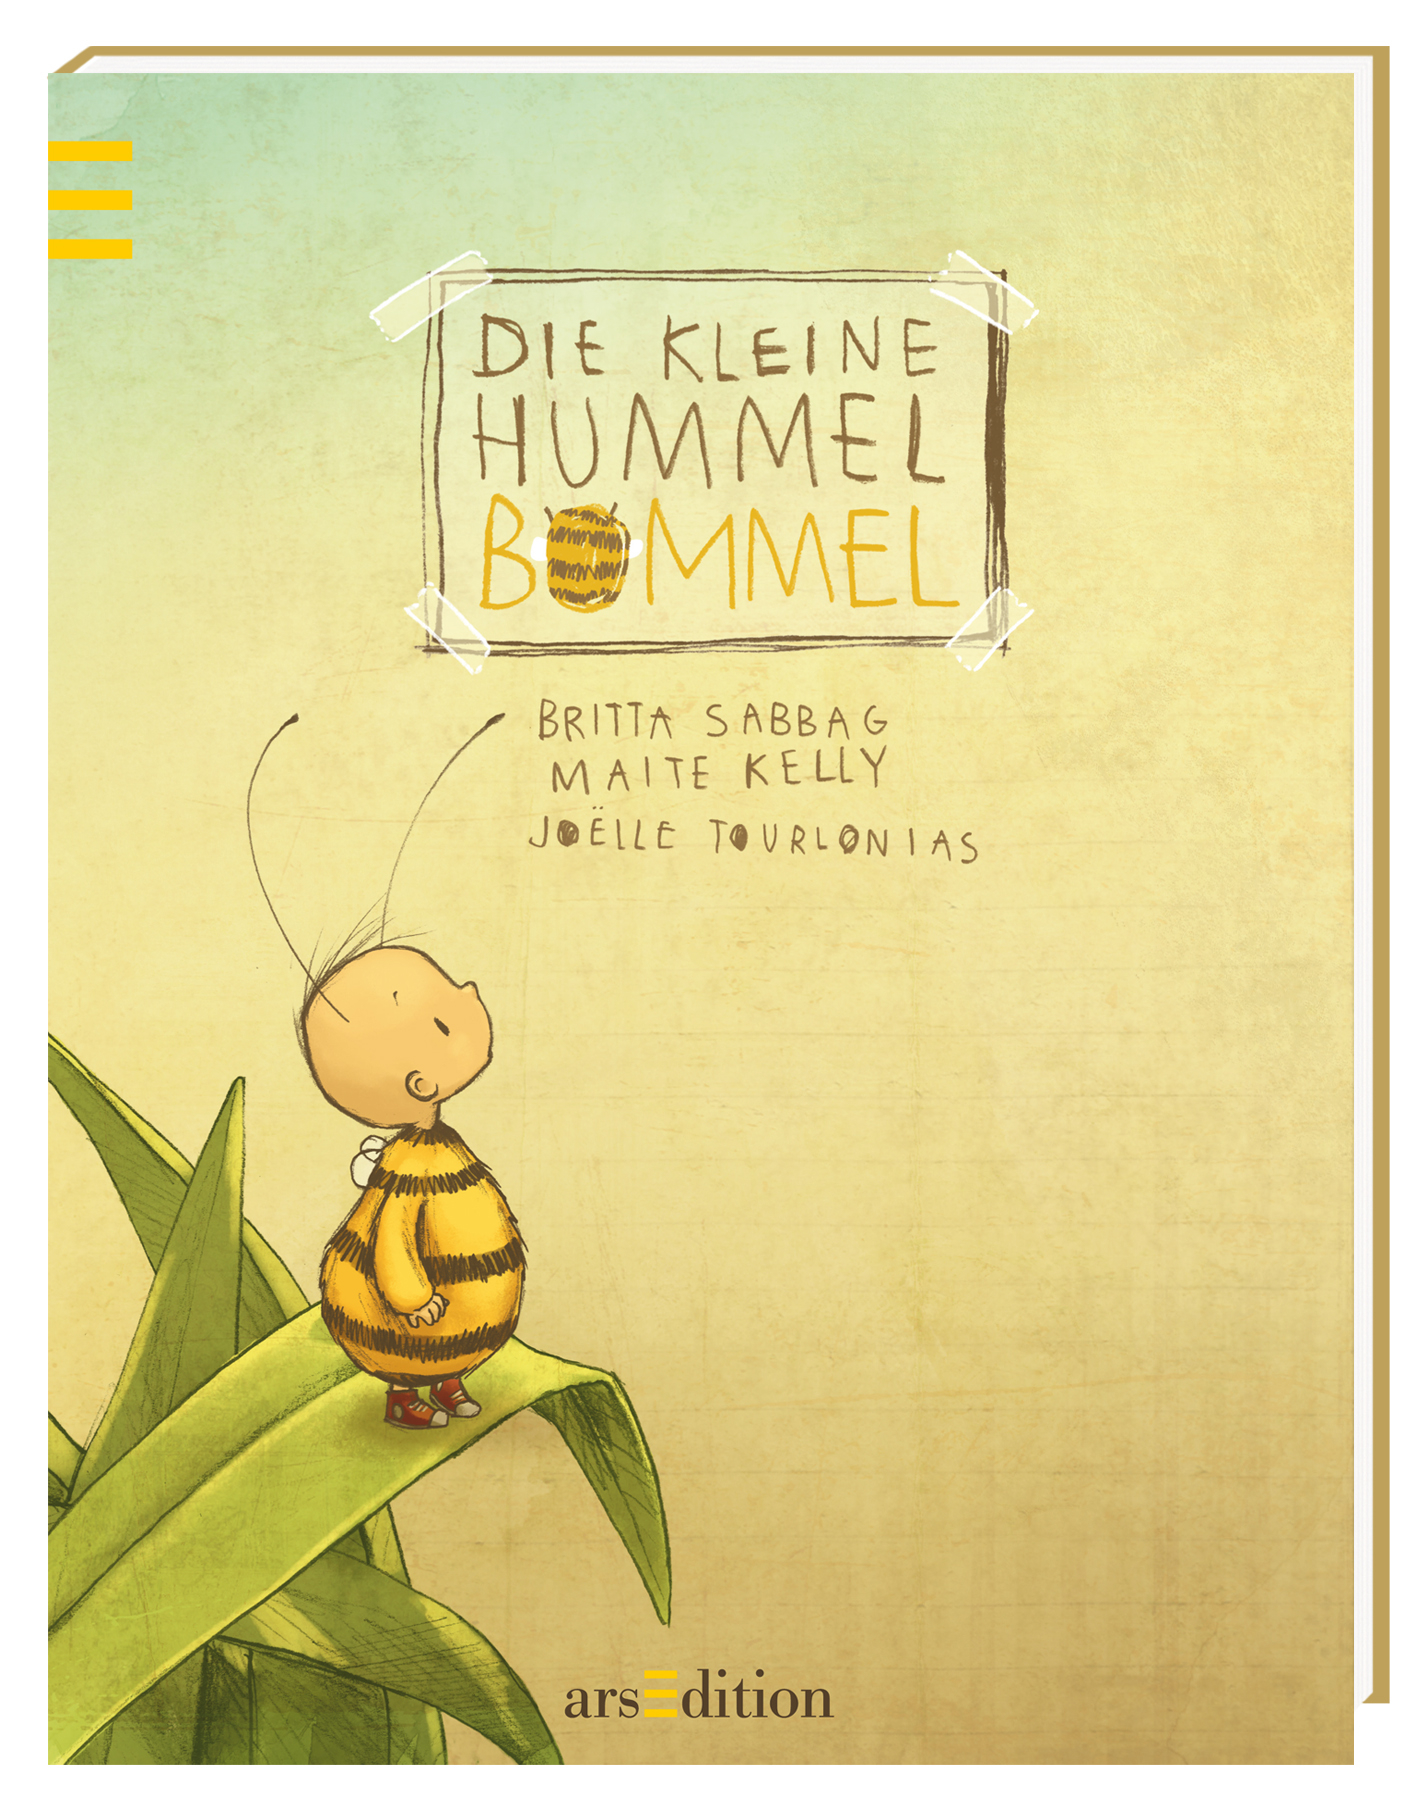 Die kleine Hummel Bommel: Du bist du! - Britta Sabbag